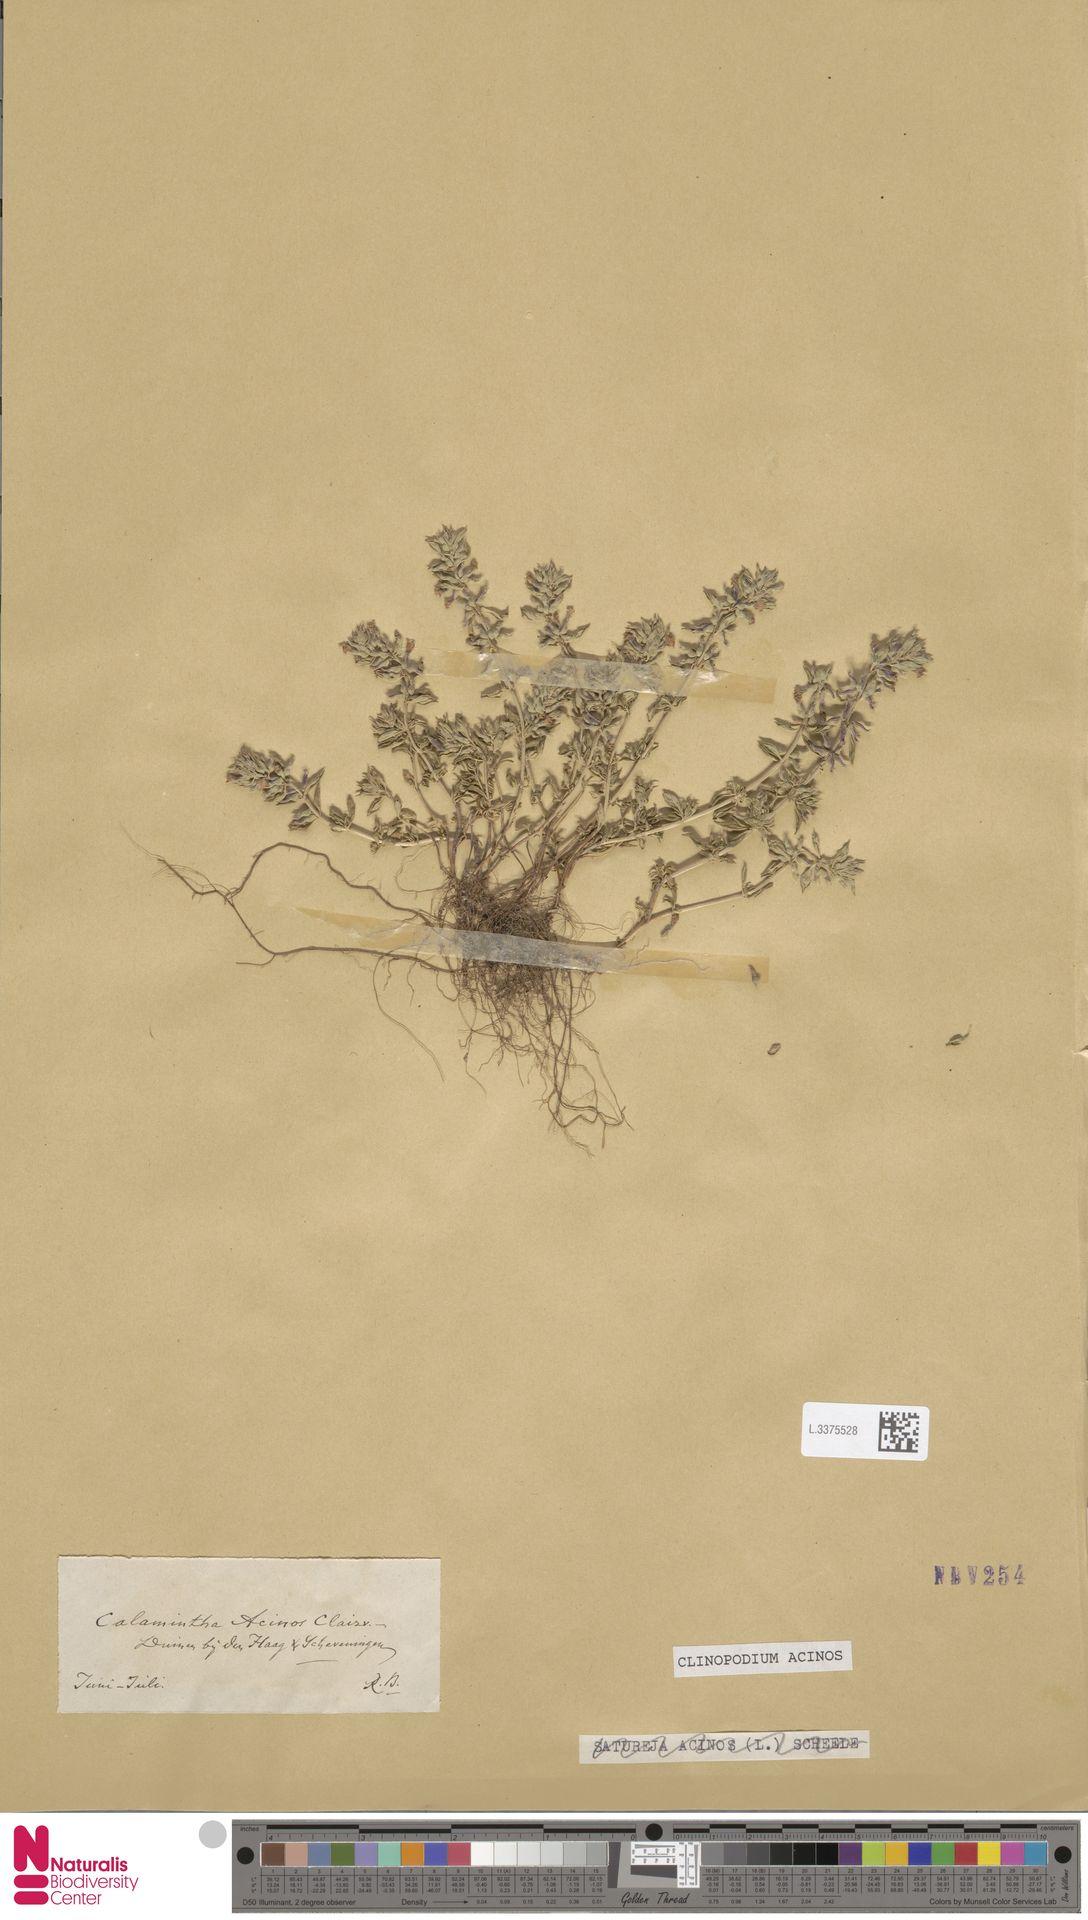 L.3375528   Clinopodium acinos (L.) Kuntze